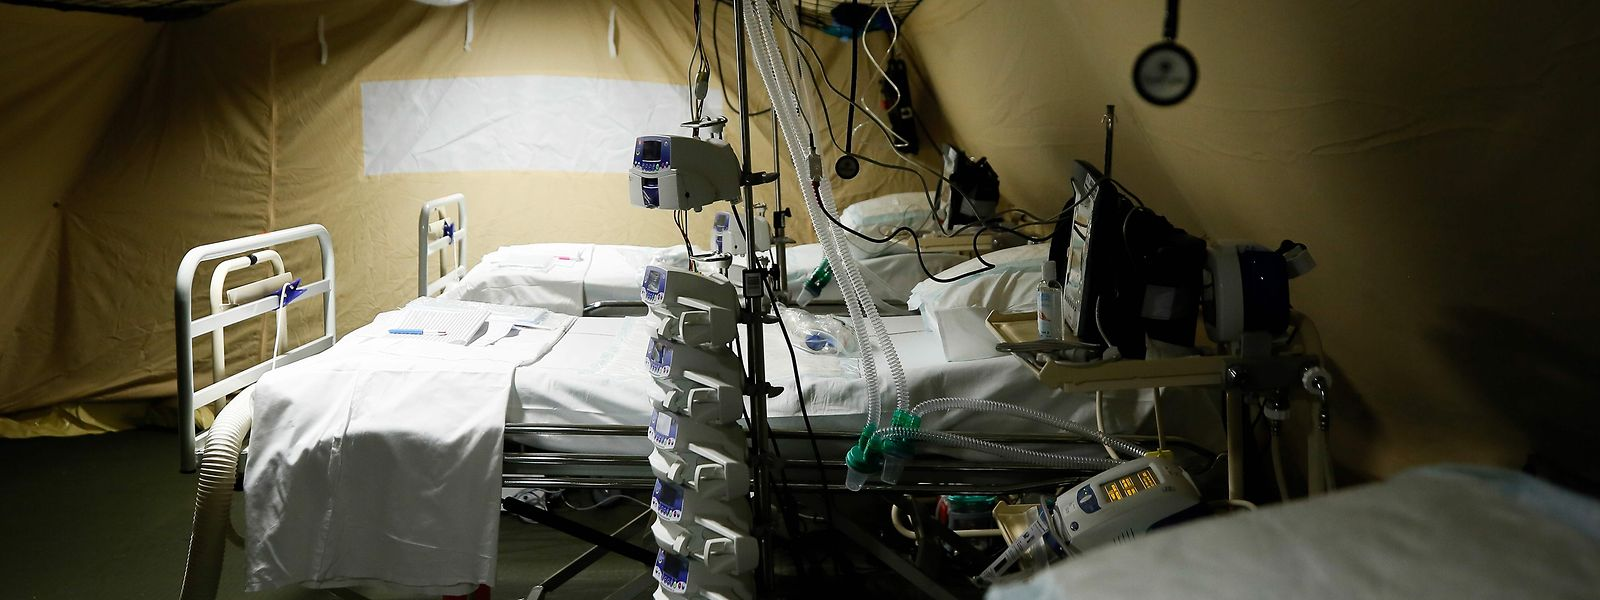 Die gefürchete Triage: Das überforderte Krankenhauspersonal musste zu Beginn der Pandemie im Osten Frankreichs anfangen, zwischen den Kandidaten für Beatmungsplätze auszuwählen.